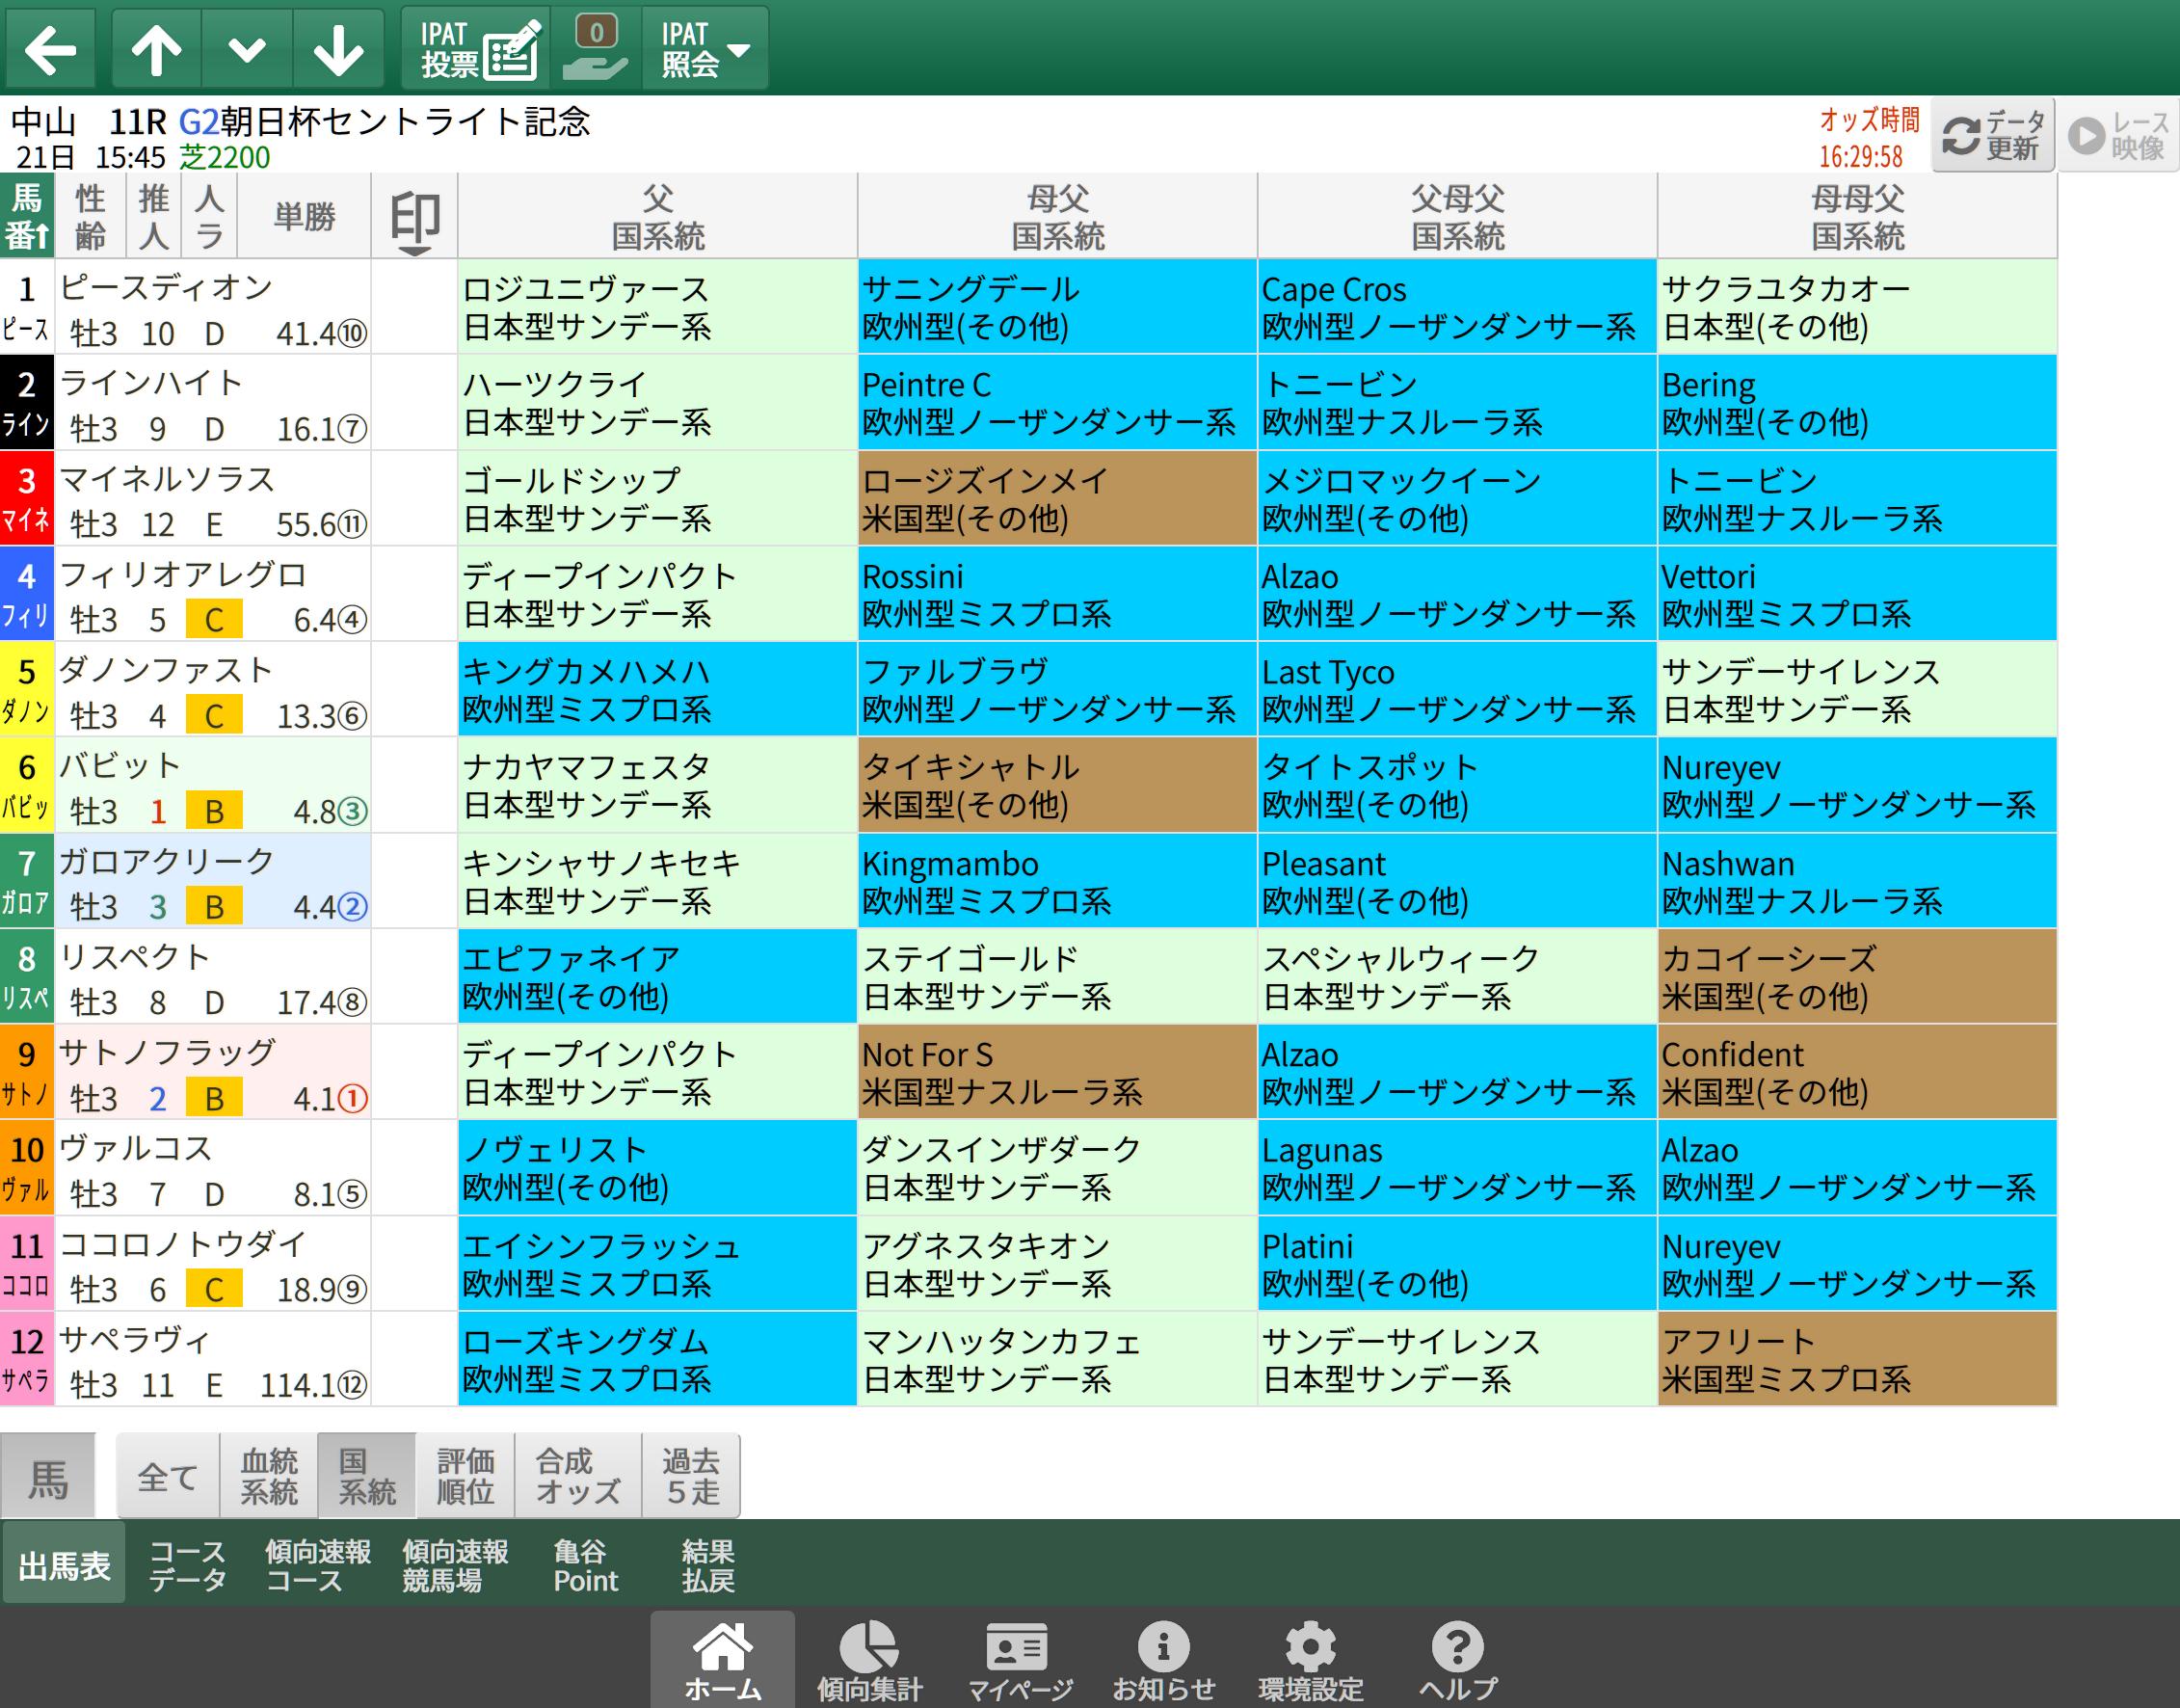 【無料公開】セントライト記念 / 亀谷サロン限定公開中のスマート出馬表・次期バージョン